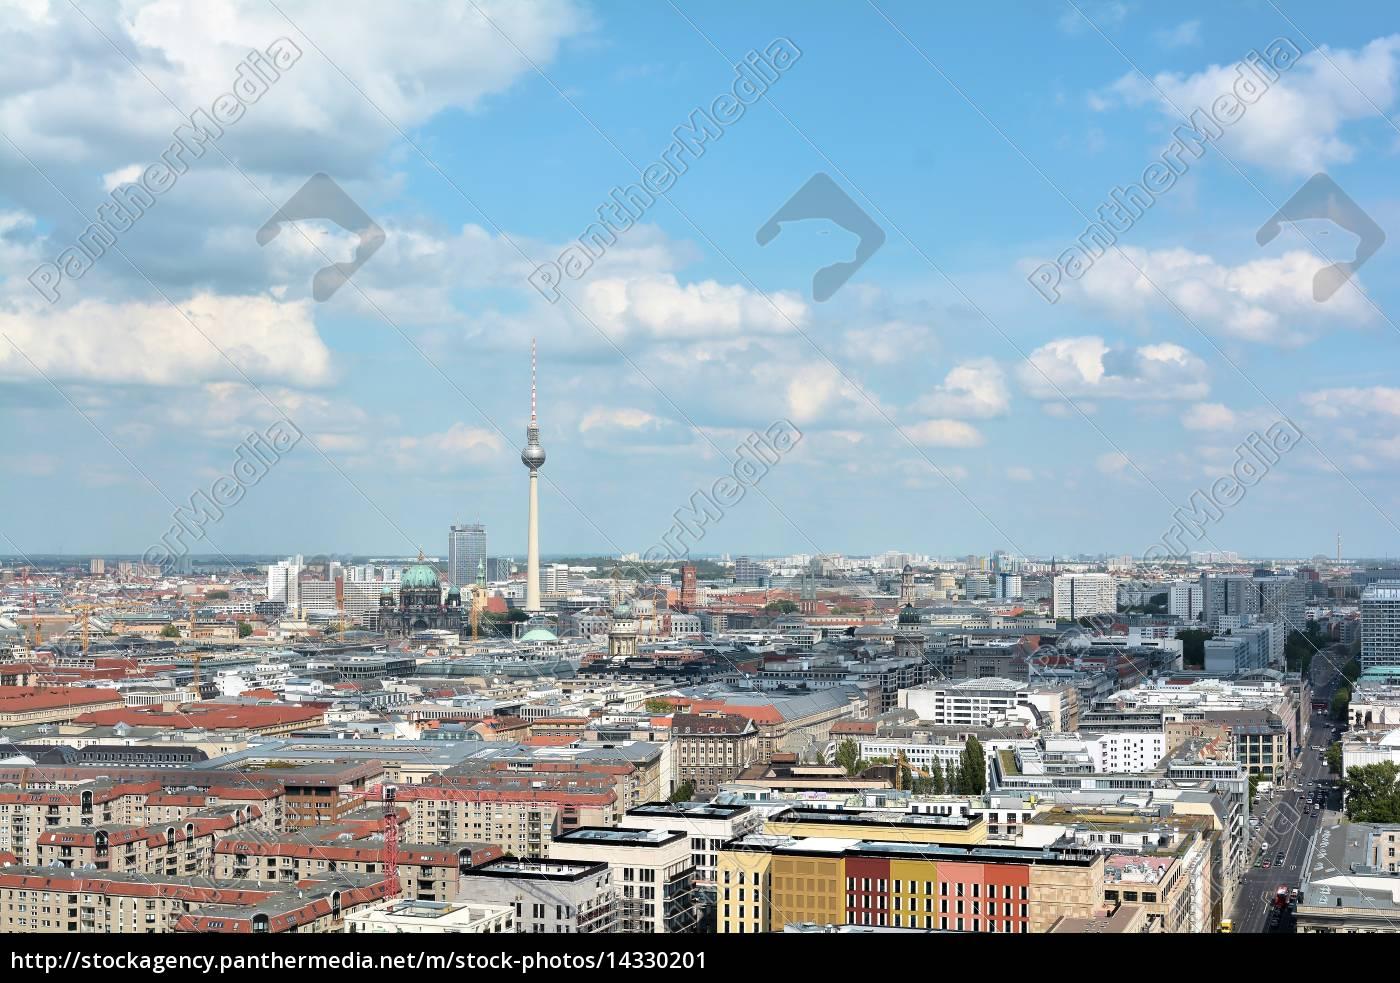 vista, desde, un, rascacielos, en, el - 14330201